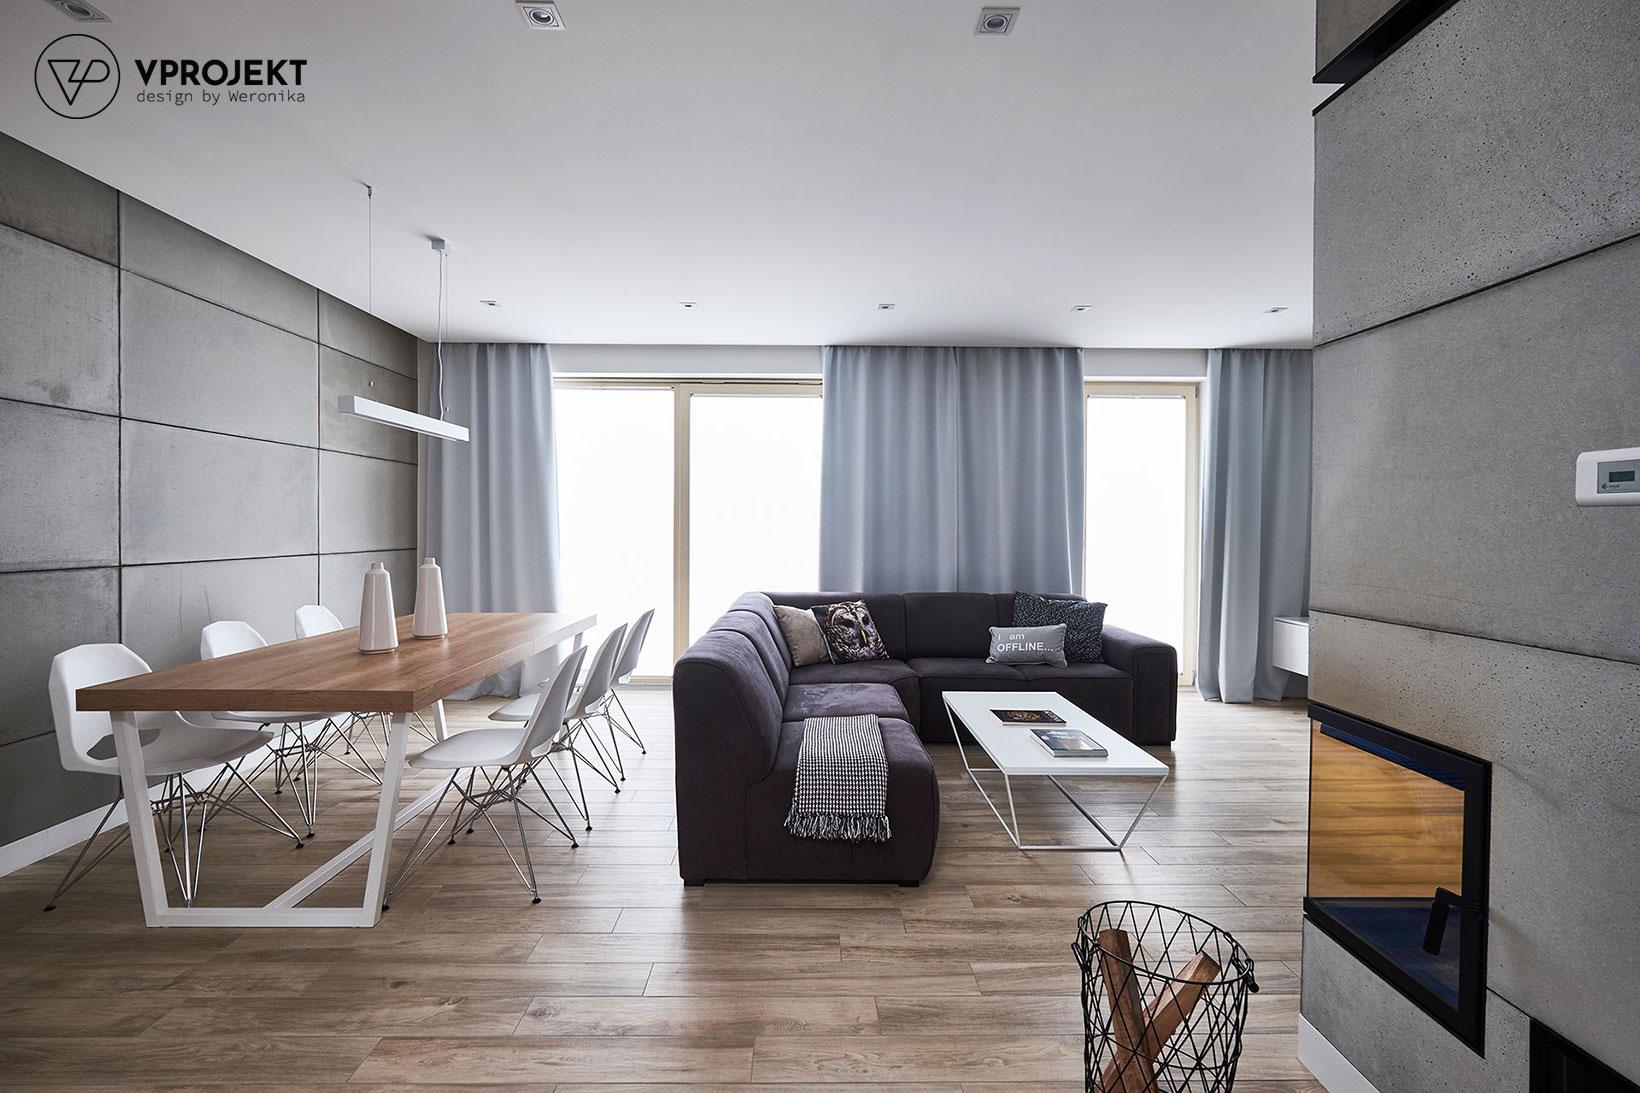 Pokój dzienny i przestrzeń jadalniana, dom w Ostródzie